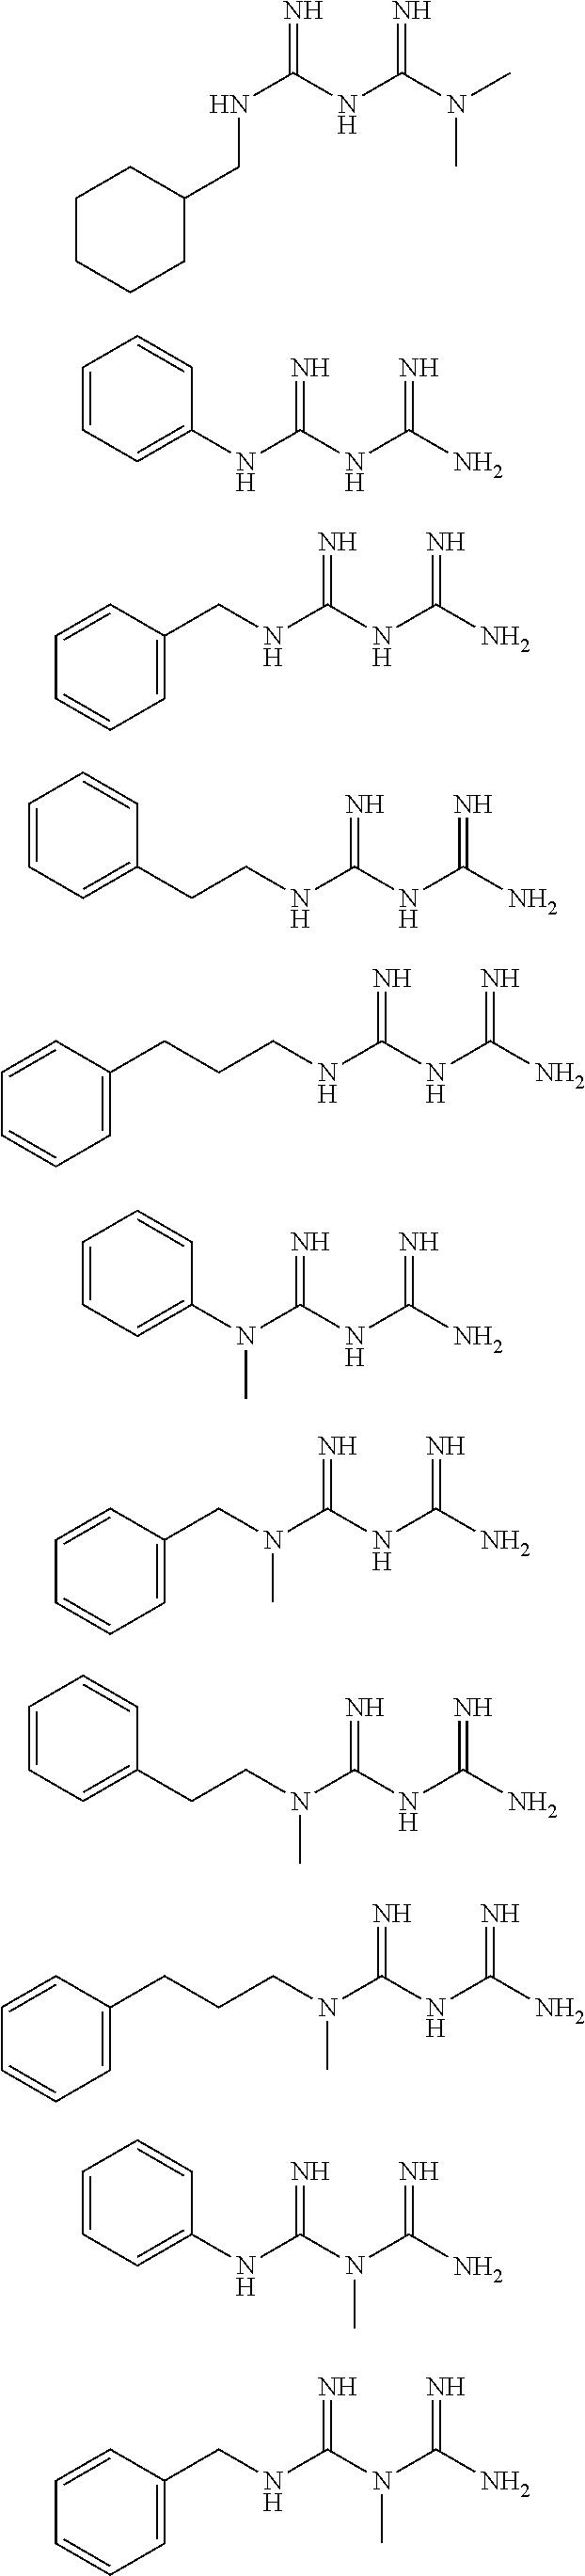 Figure US09480663-20161101-C00016